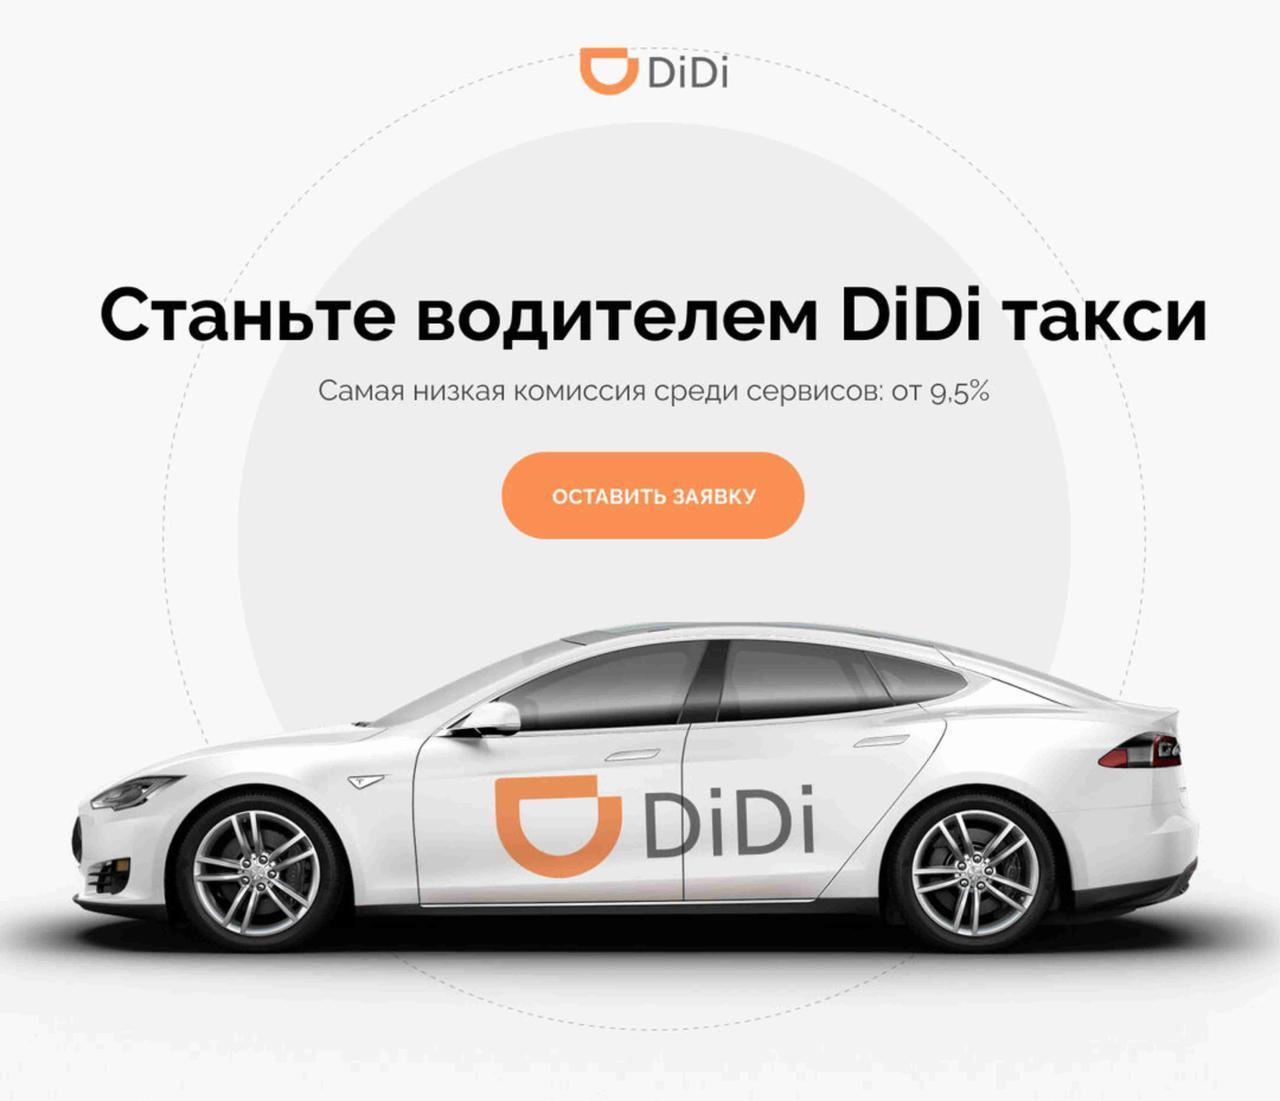 Как работает коэффициент завершения (CR) DiDi такси онлайн